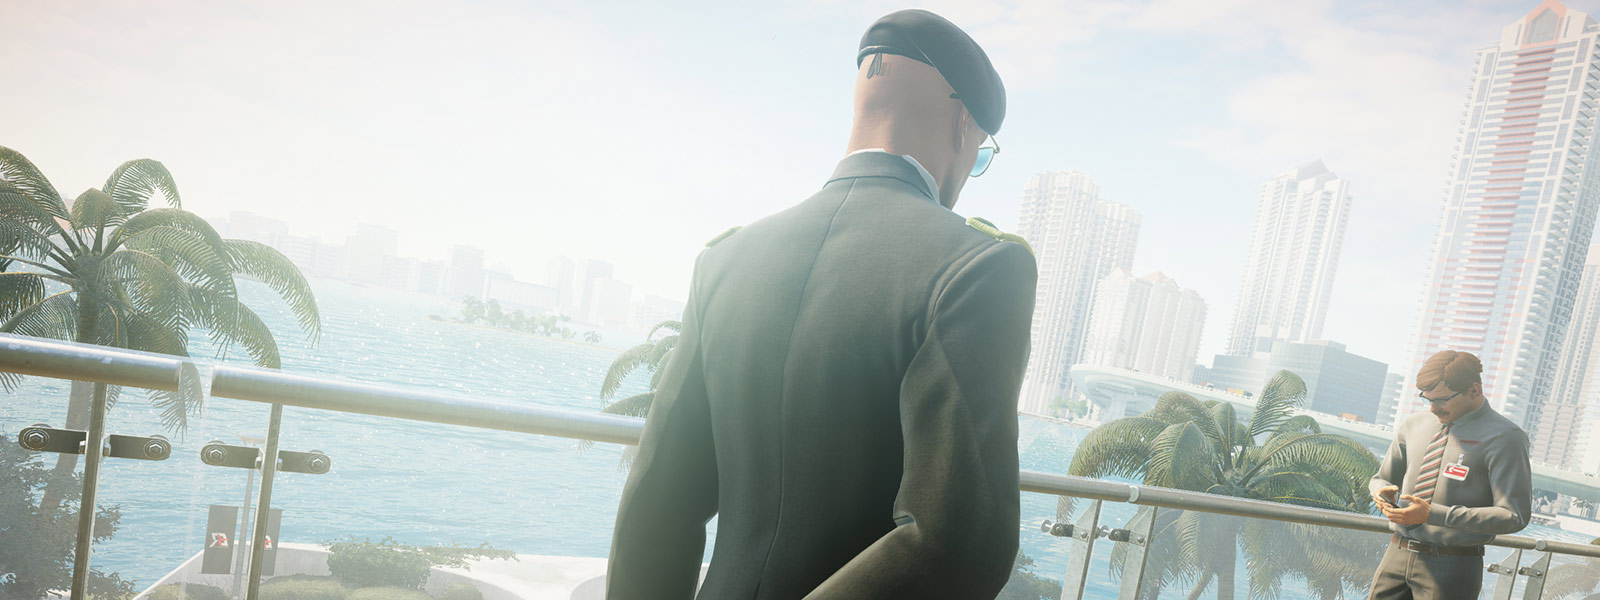 Πίσω όψη του Πράκτορα Νο 47 που στέκεται δίπλα σε εργαζόμενο που φοράει κοστούμι και γραβάτα